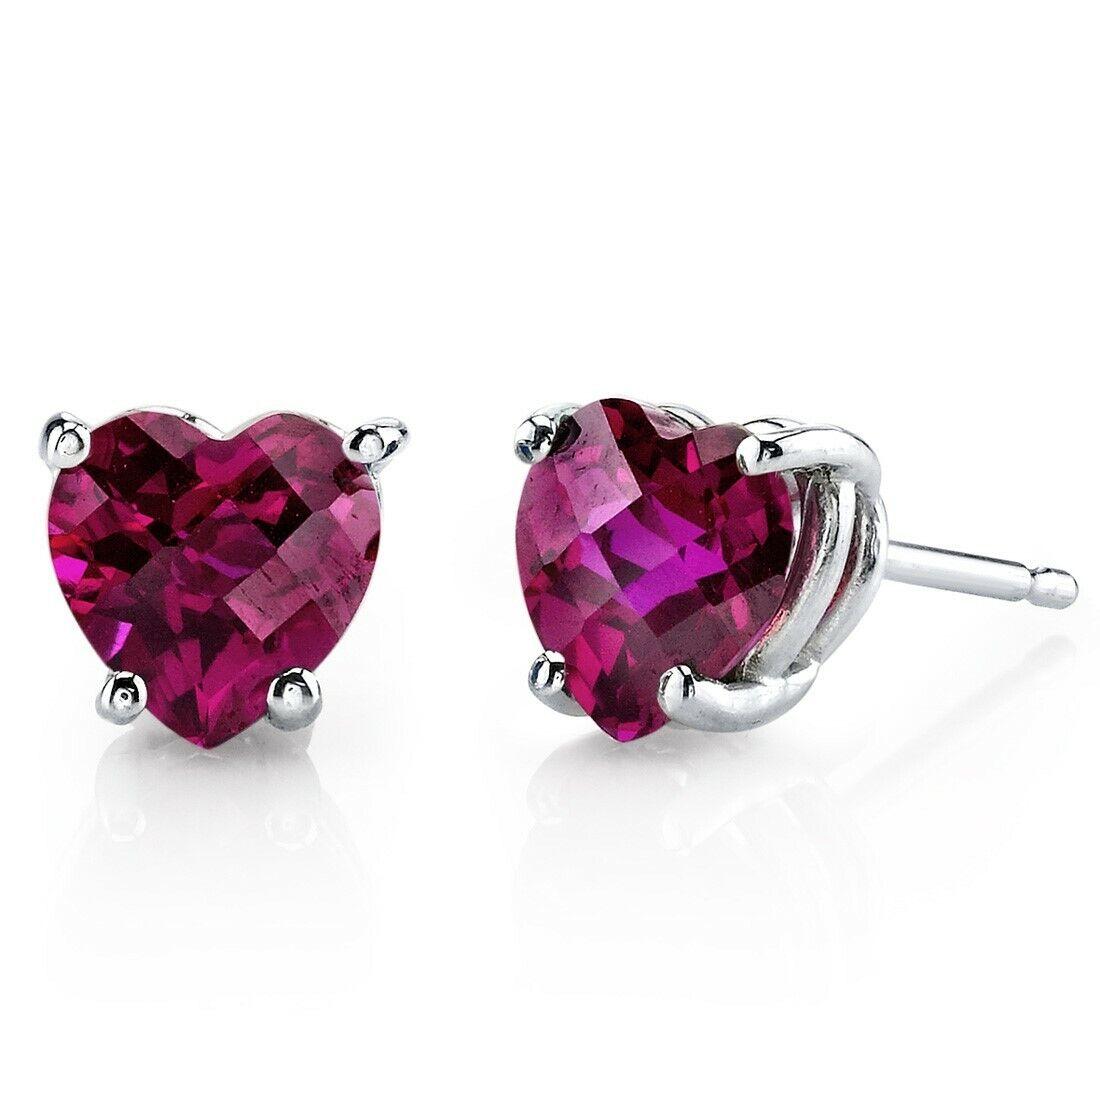 2.19 ct Heart Shape Red Created Ruby Stud Earrings in 14K